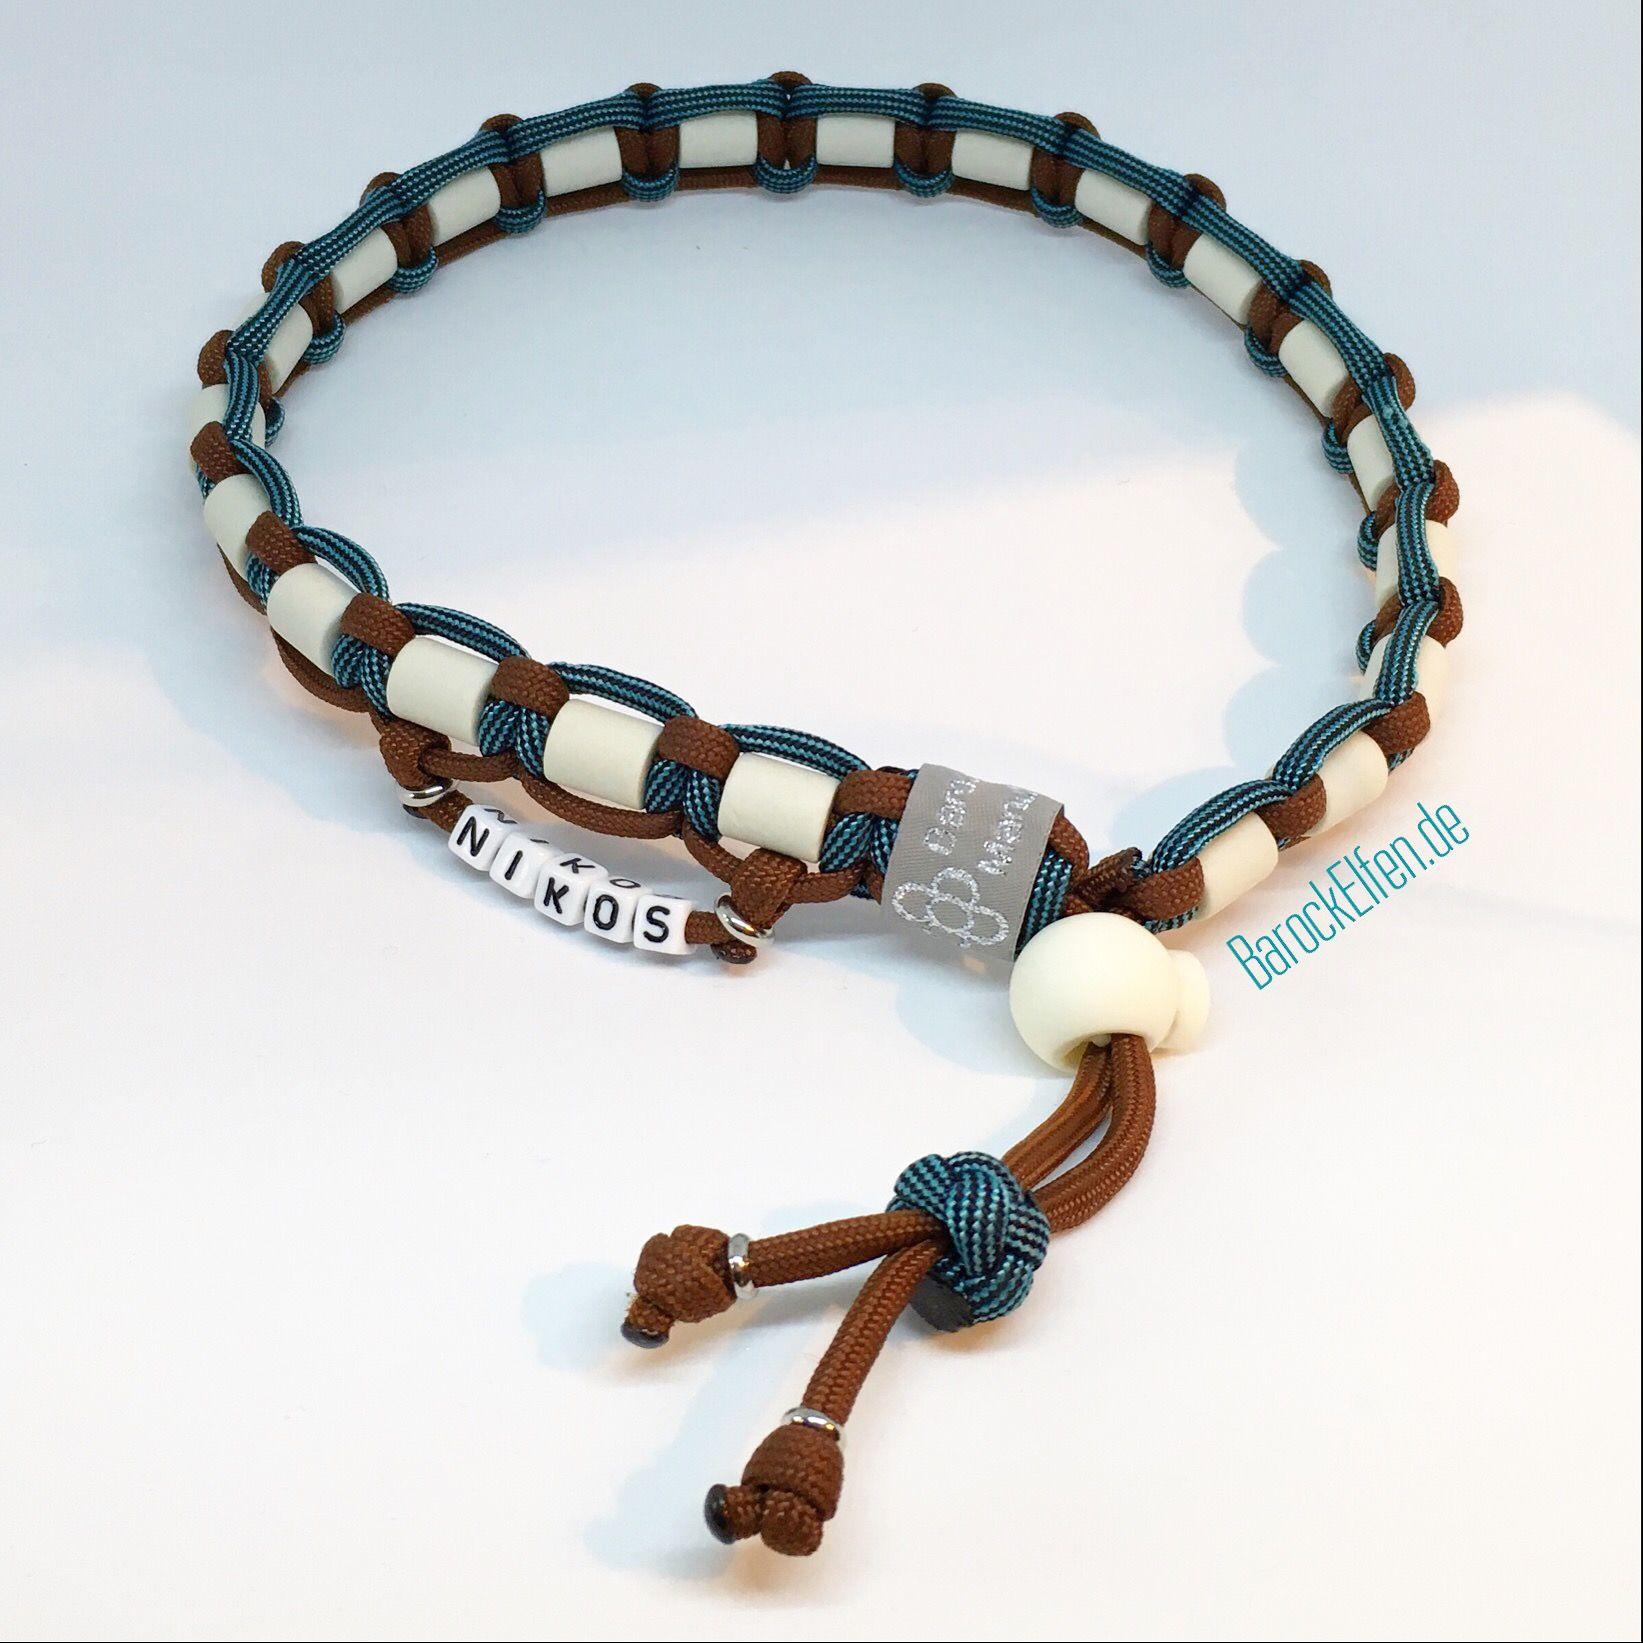 Em Keramik Halsband Mit Kordelstopper Em Keramik Halsband Halsband Paracord Halsband